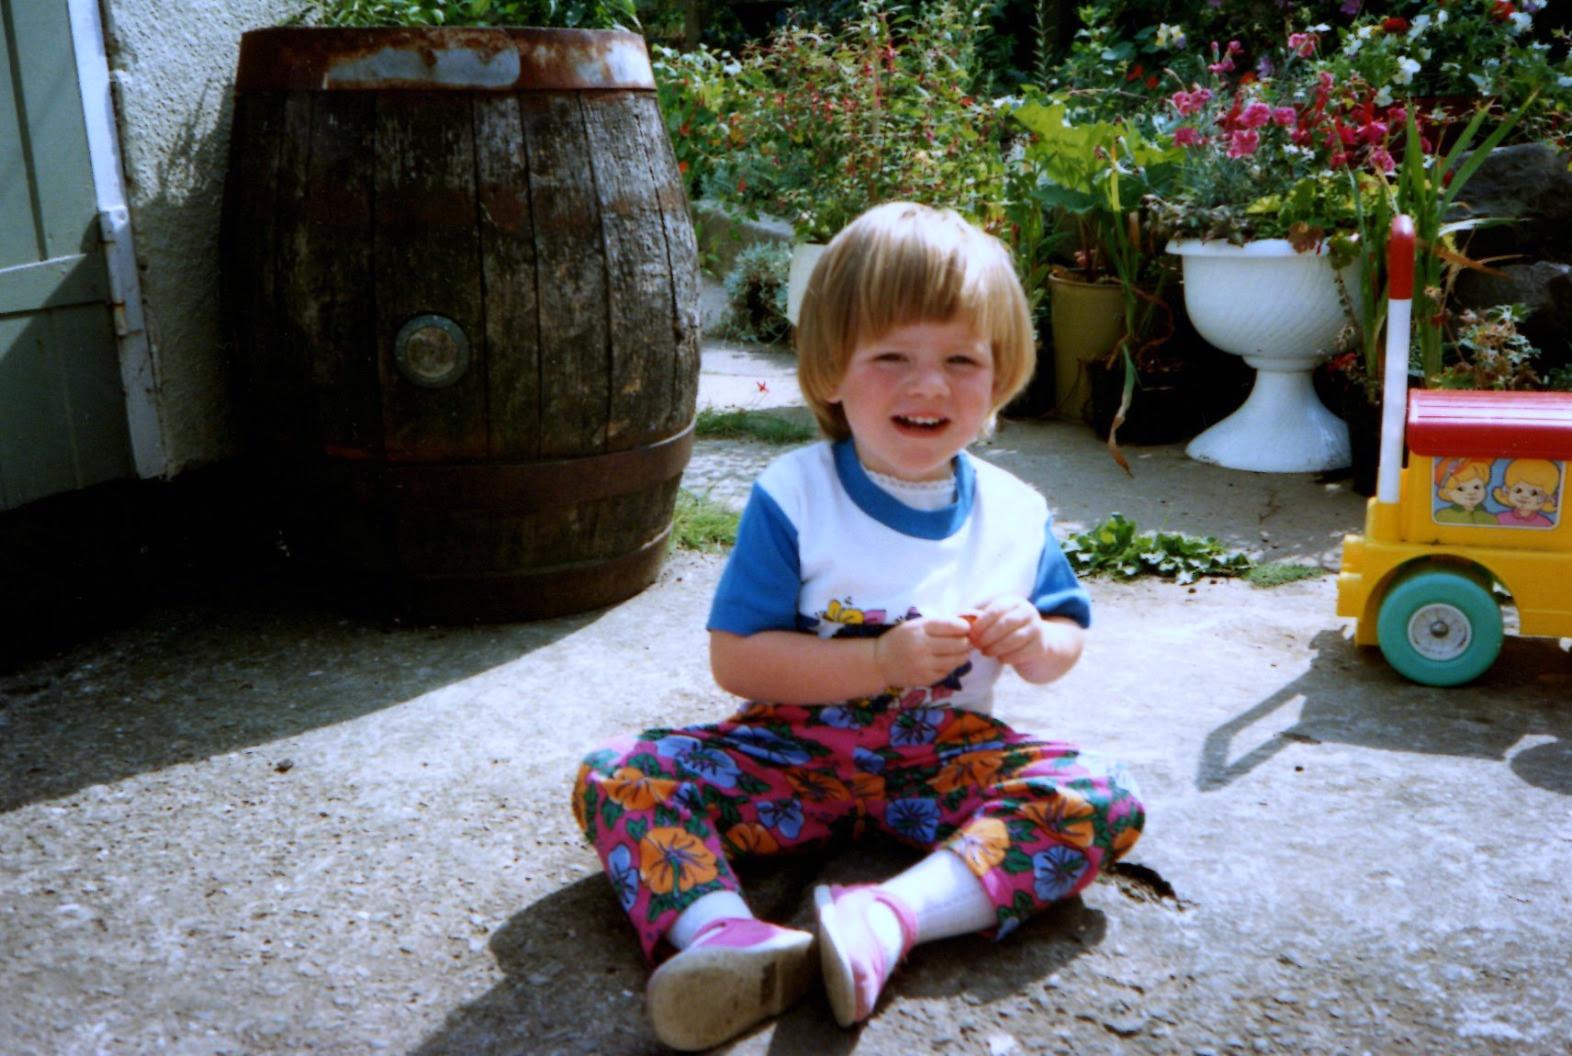 me sat in the garden